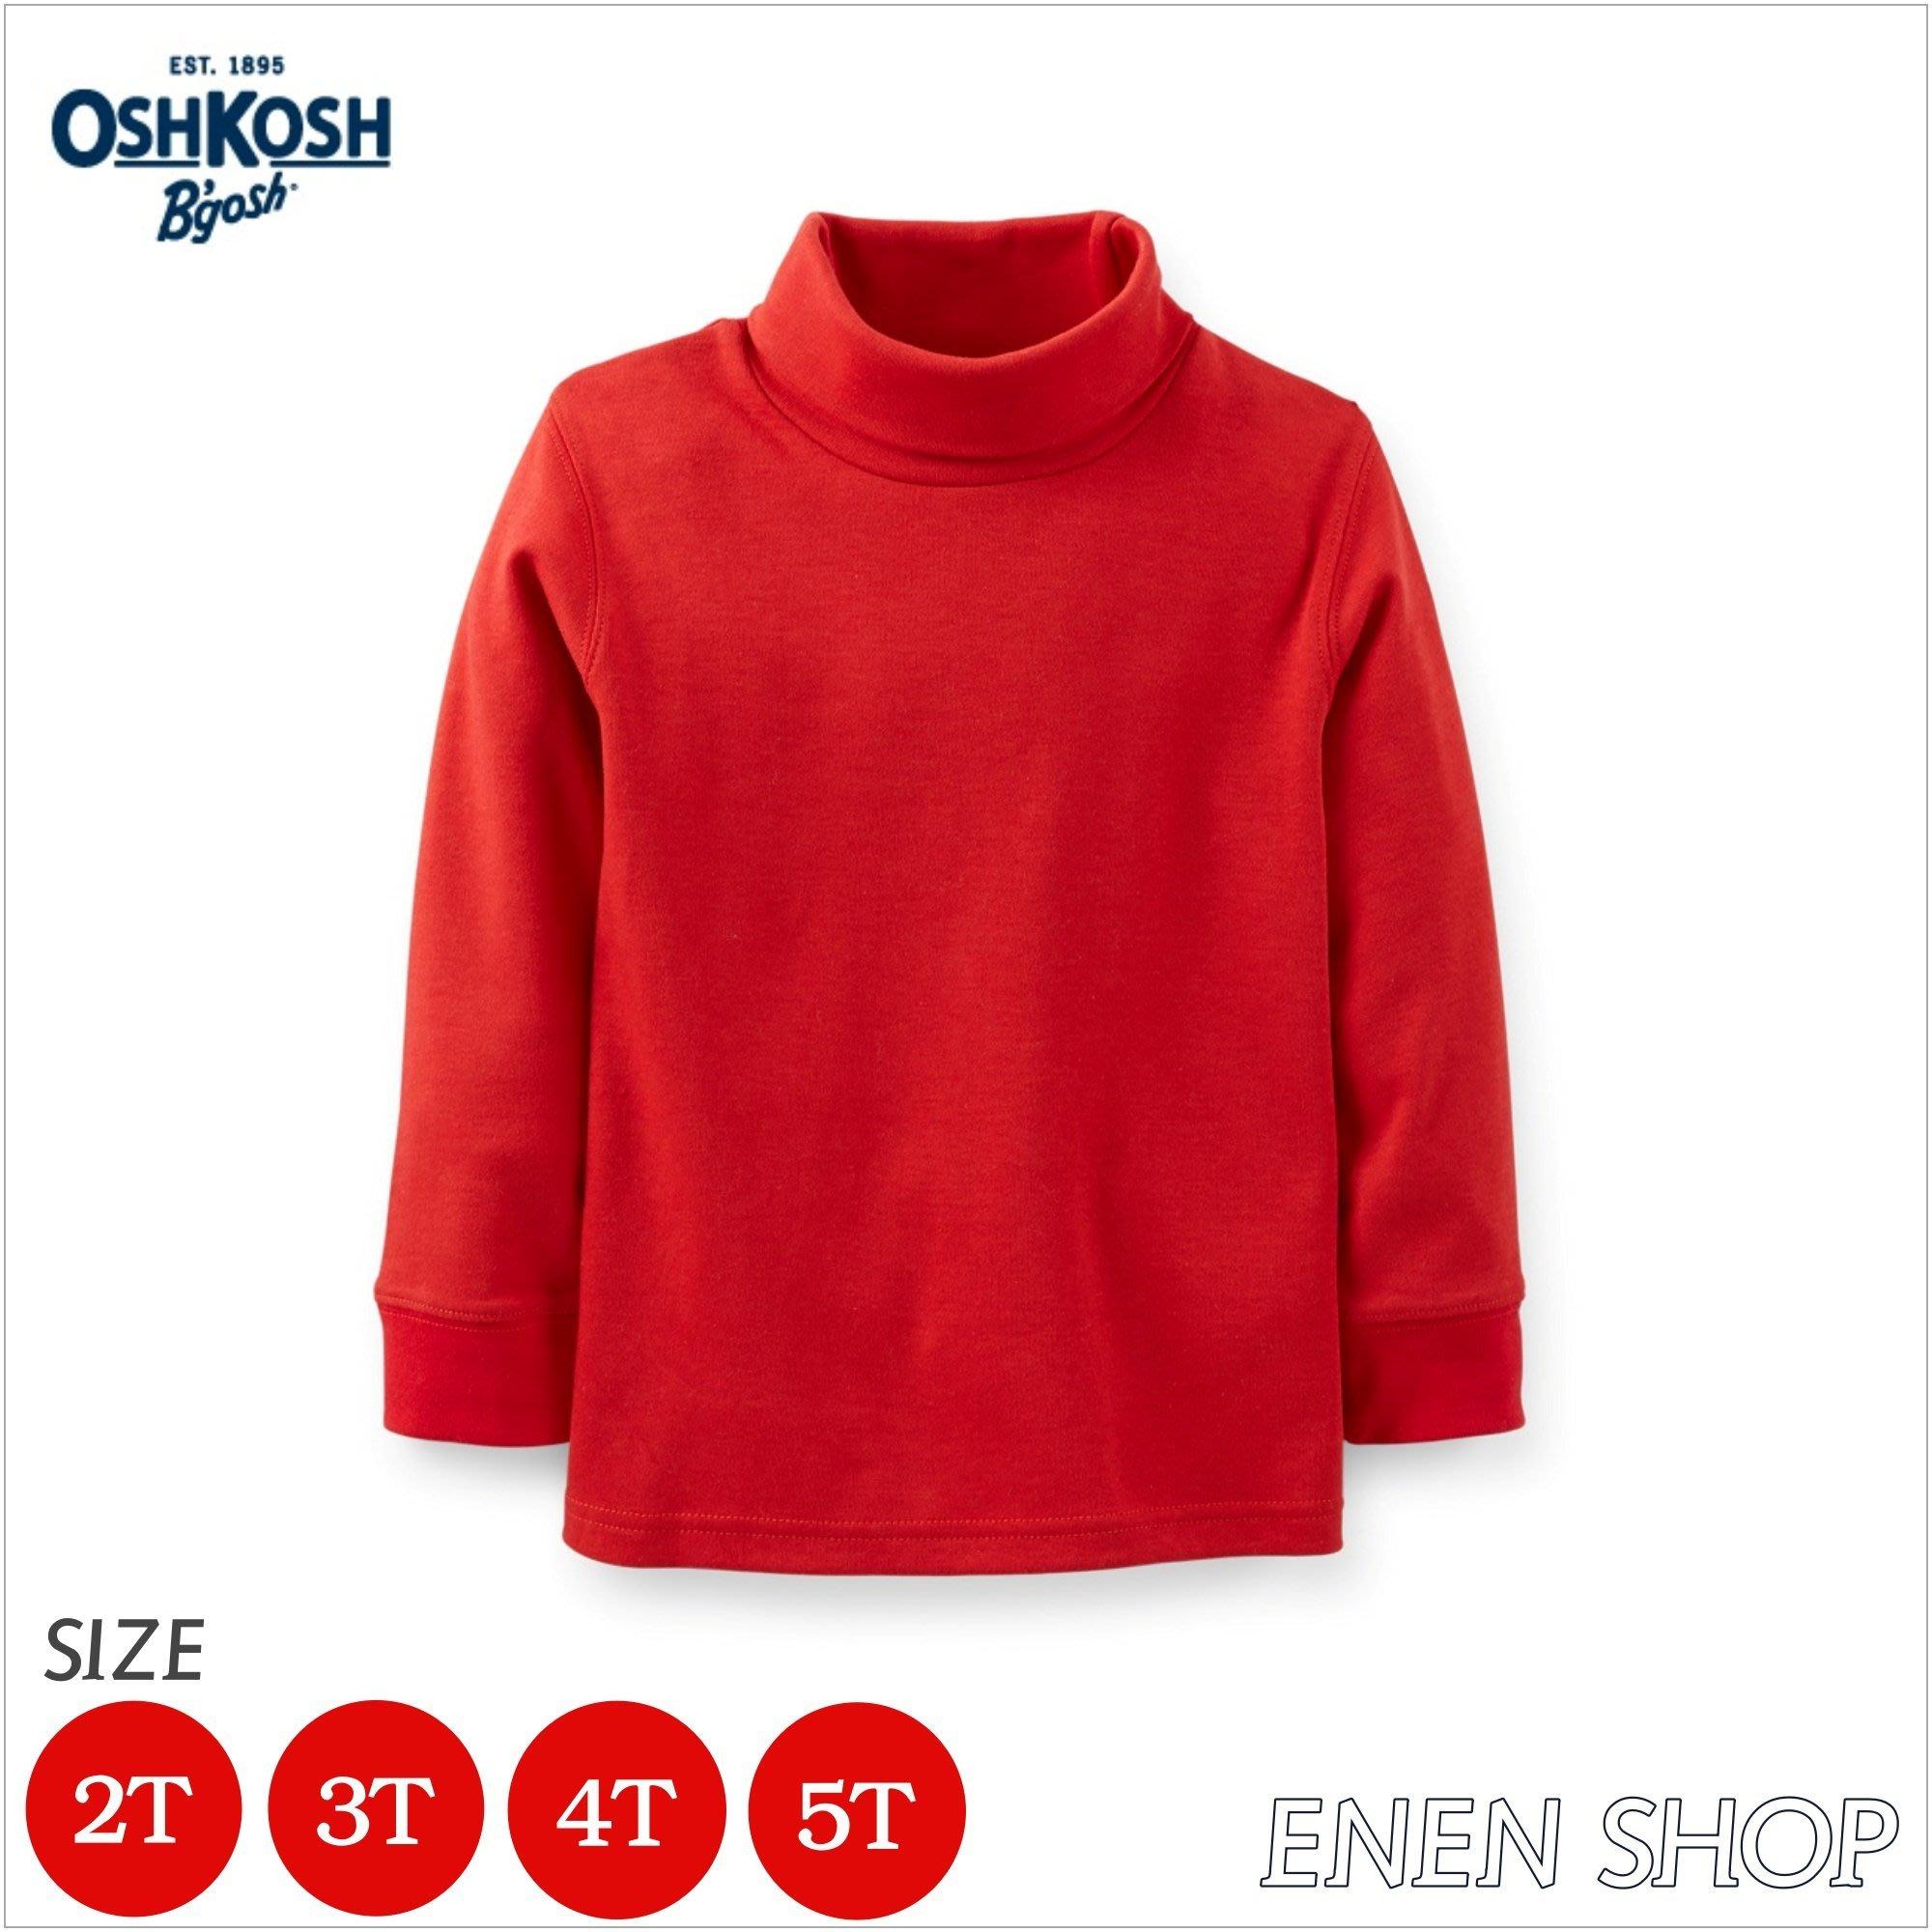 『Enen Shop』@OshKosh Bgosh 紅色素面款高領上衣 #443C374|3T/4T 另有黑色